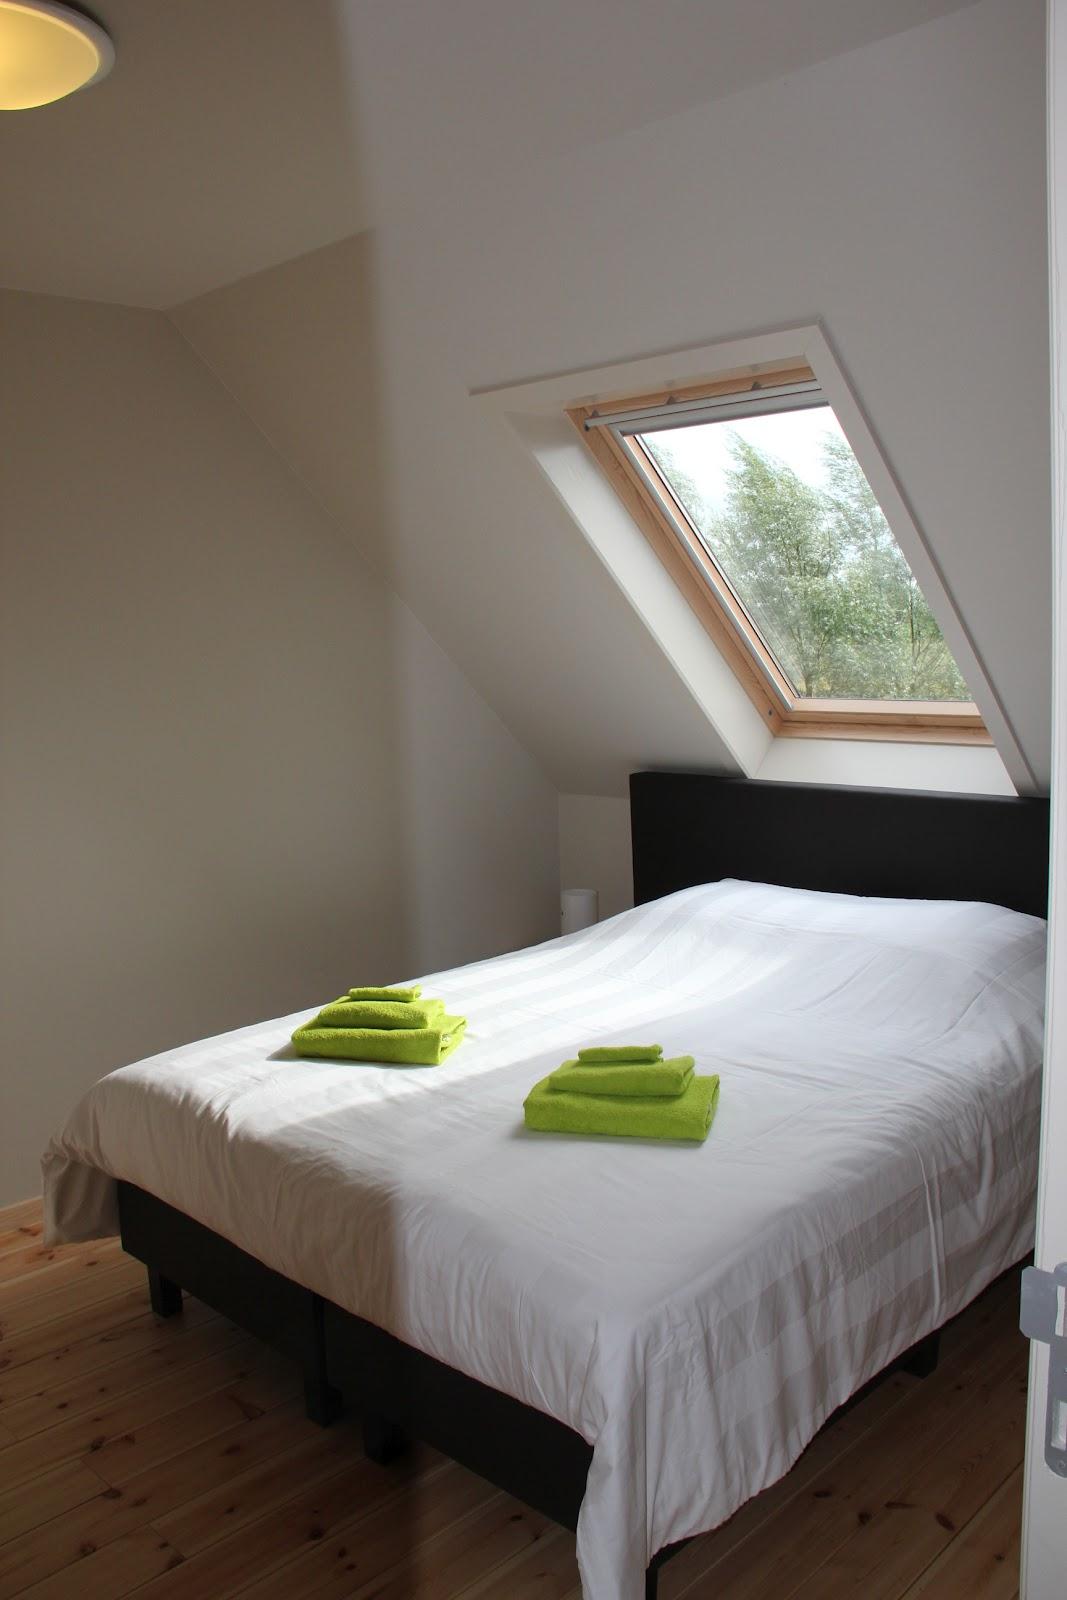 villa met 5 slaapkamers en 2 badkamers belgische kust govilla te huur